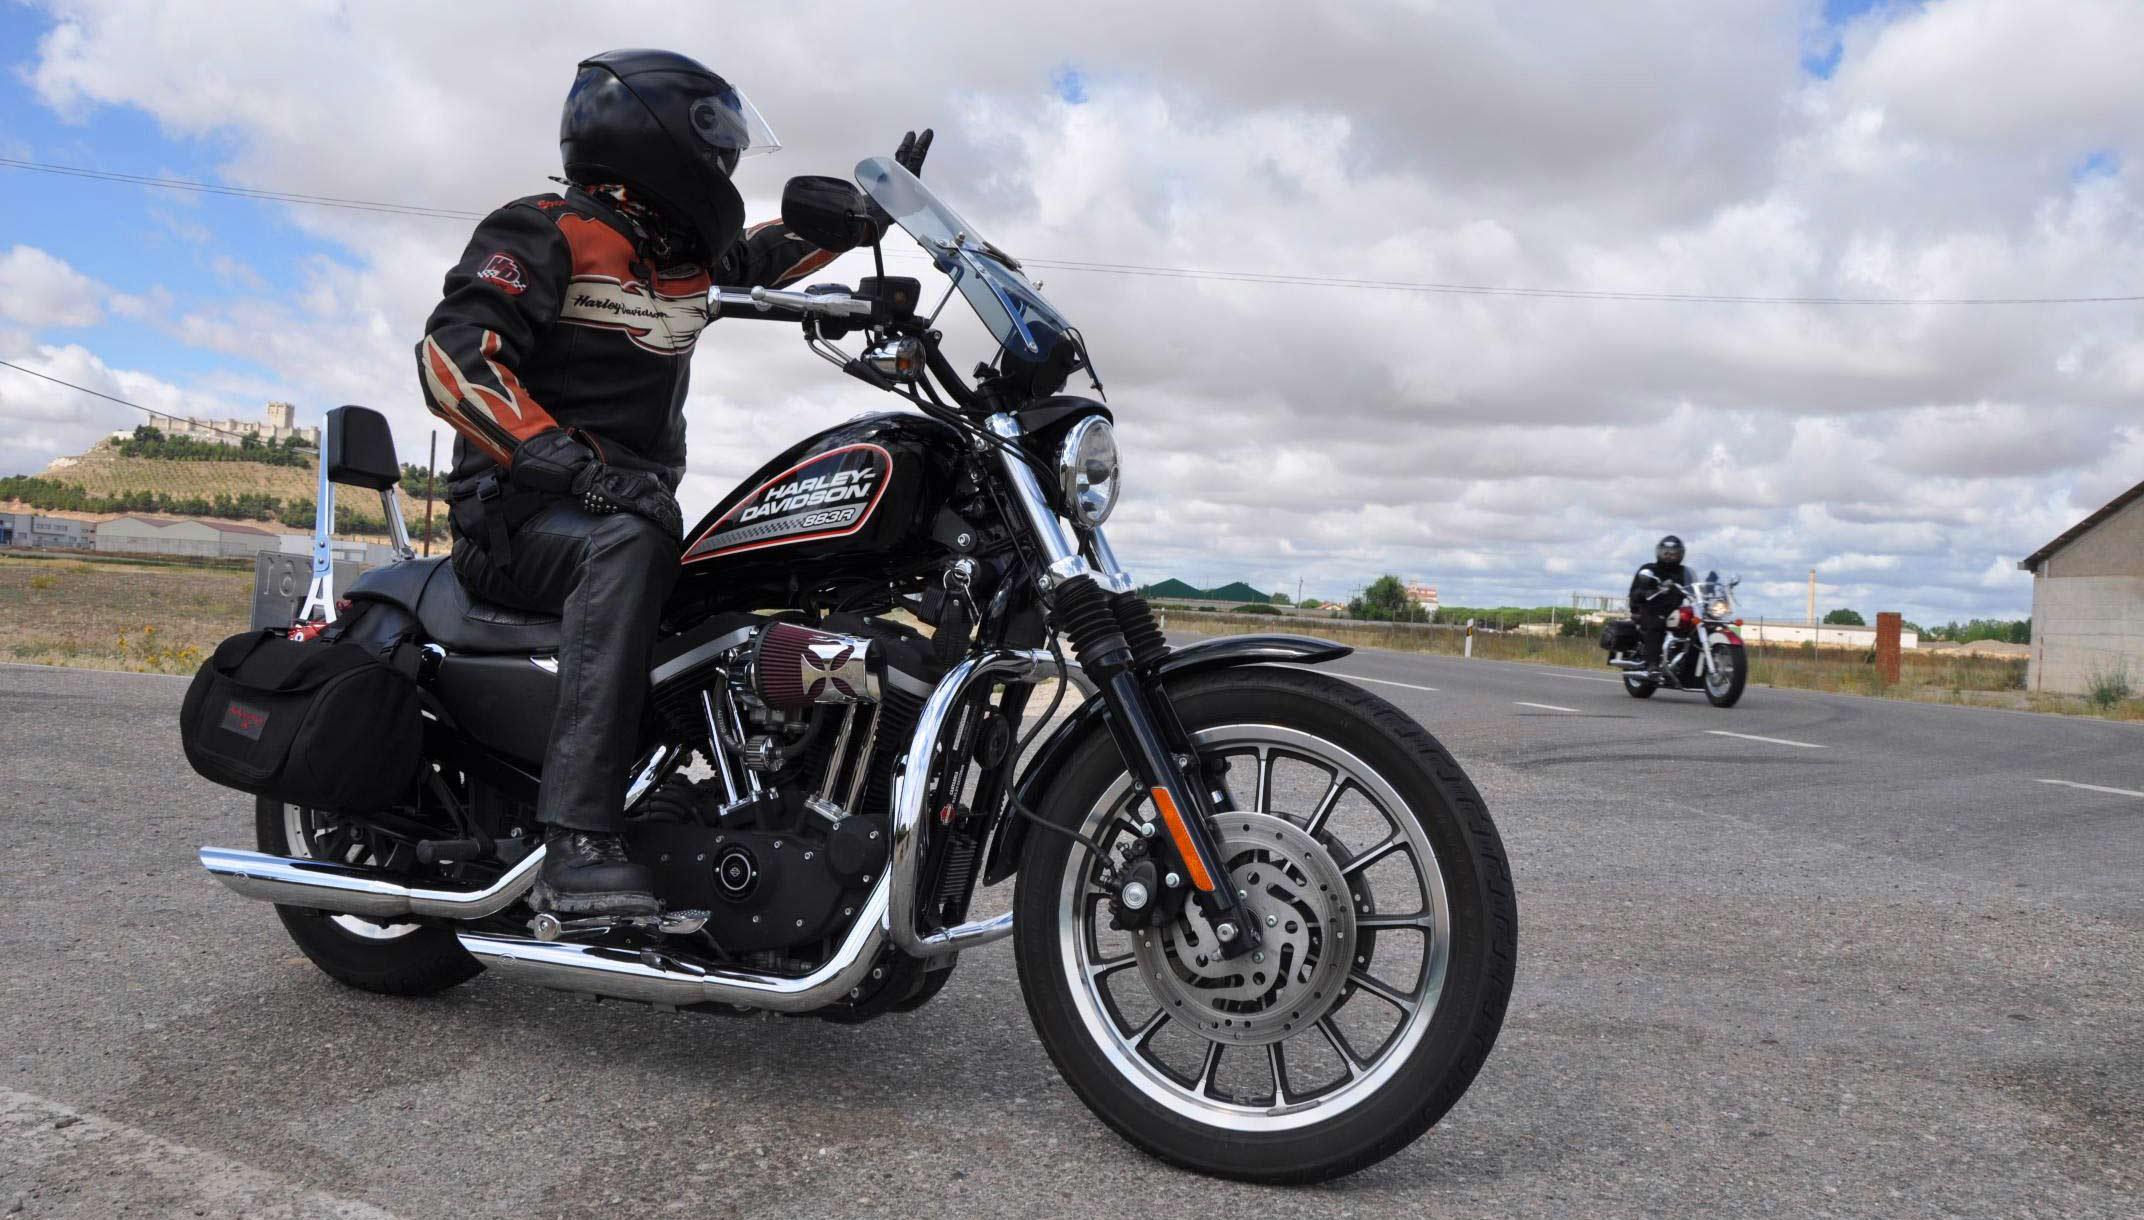 motero de Harley Davidson equipado con Casco, chaqueta y guantes